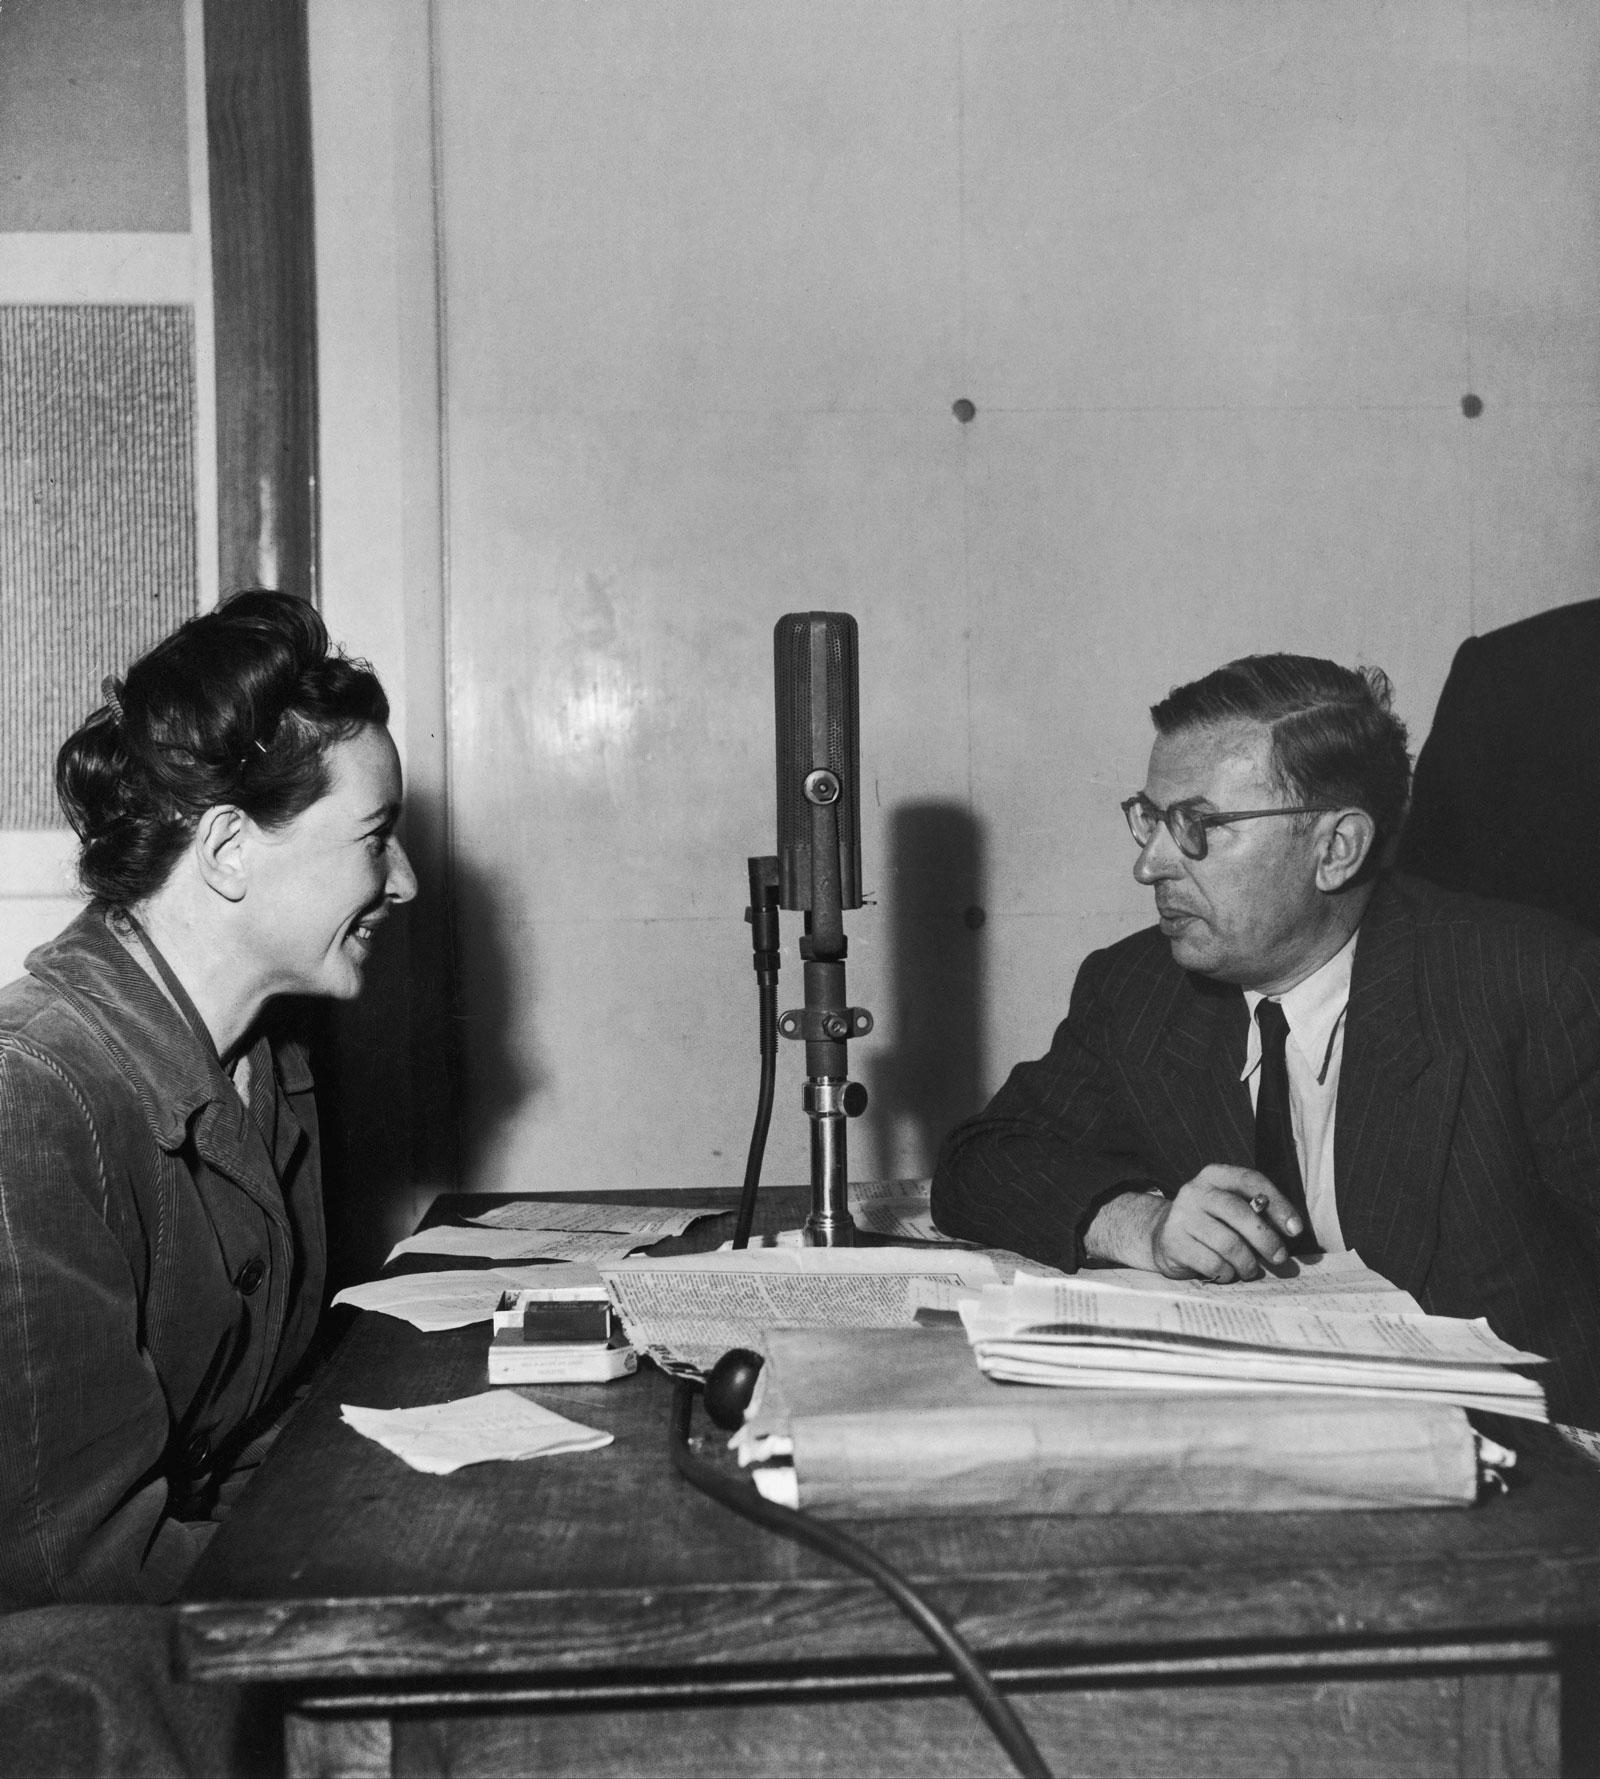 Simone de Beauvoir and Jean-Paul Sartre, Saint-Germain-des-Prés, Paris, circa 1945